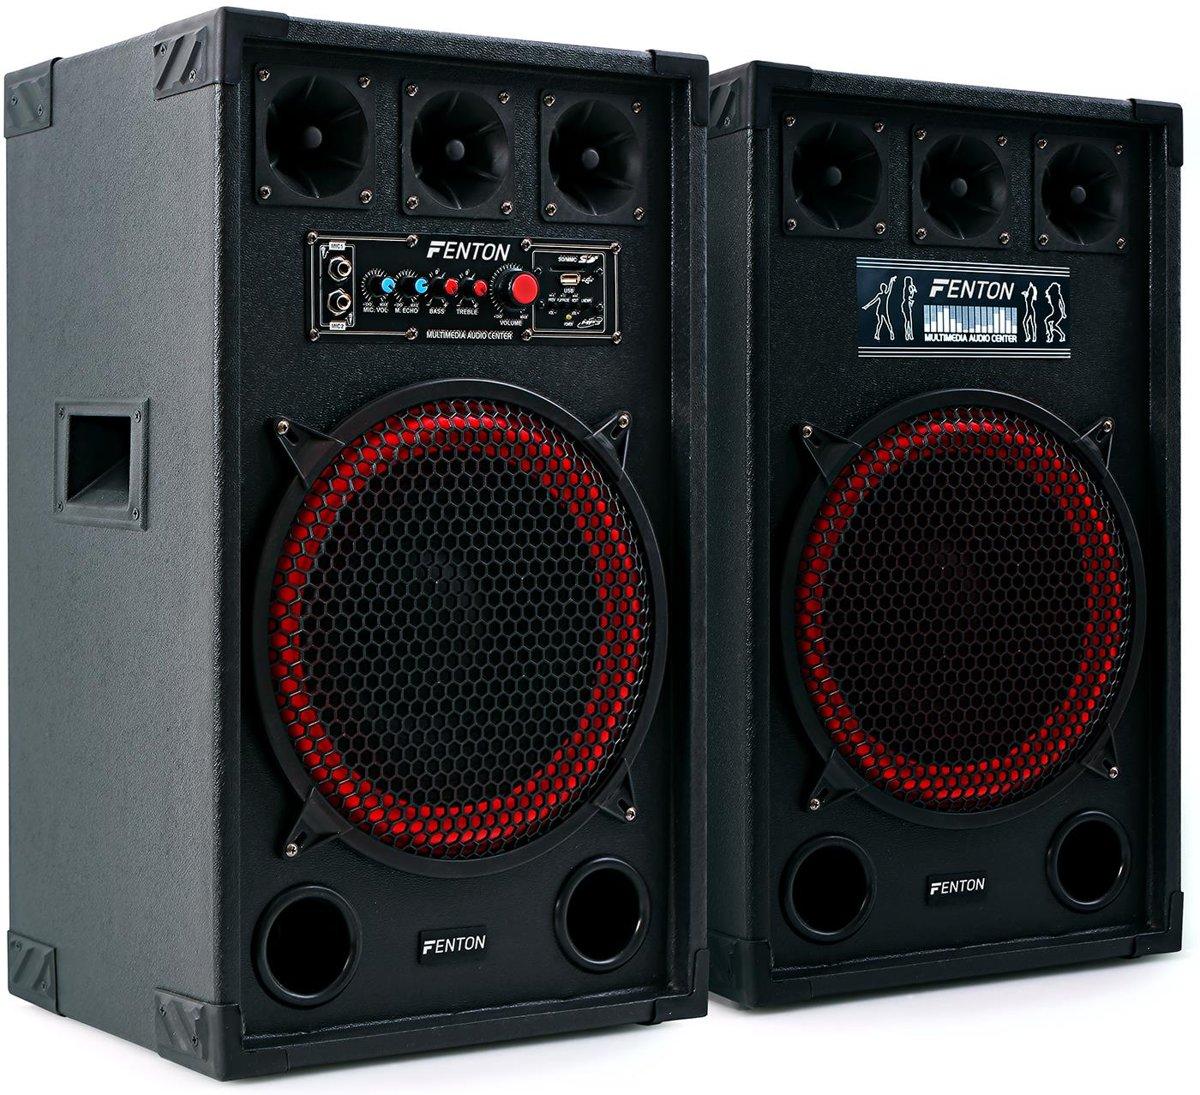 """Fenton SPB-12 800W Actieve 12"""" Luidsprekerset - Zwart kopen"""